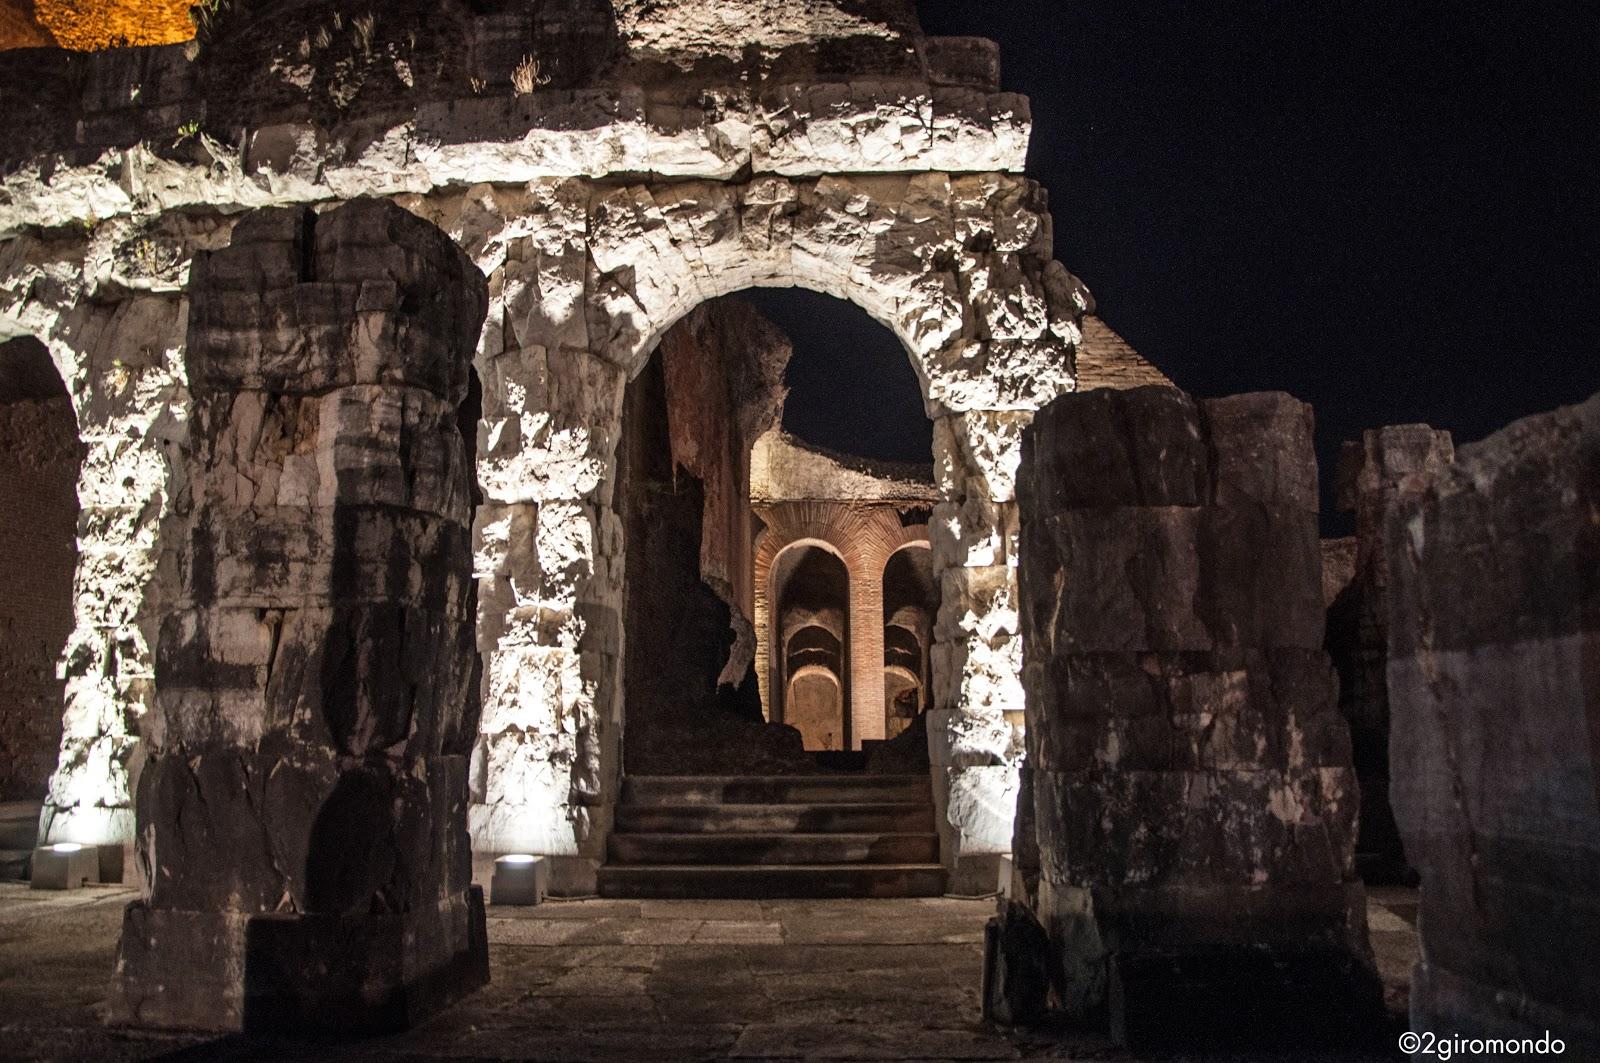 Amphitheatre of Santa Maria Capua Vetere